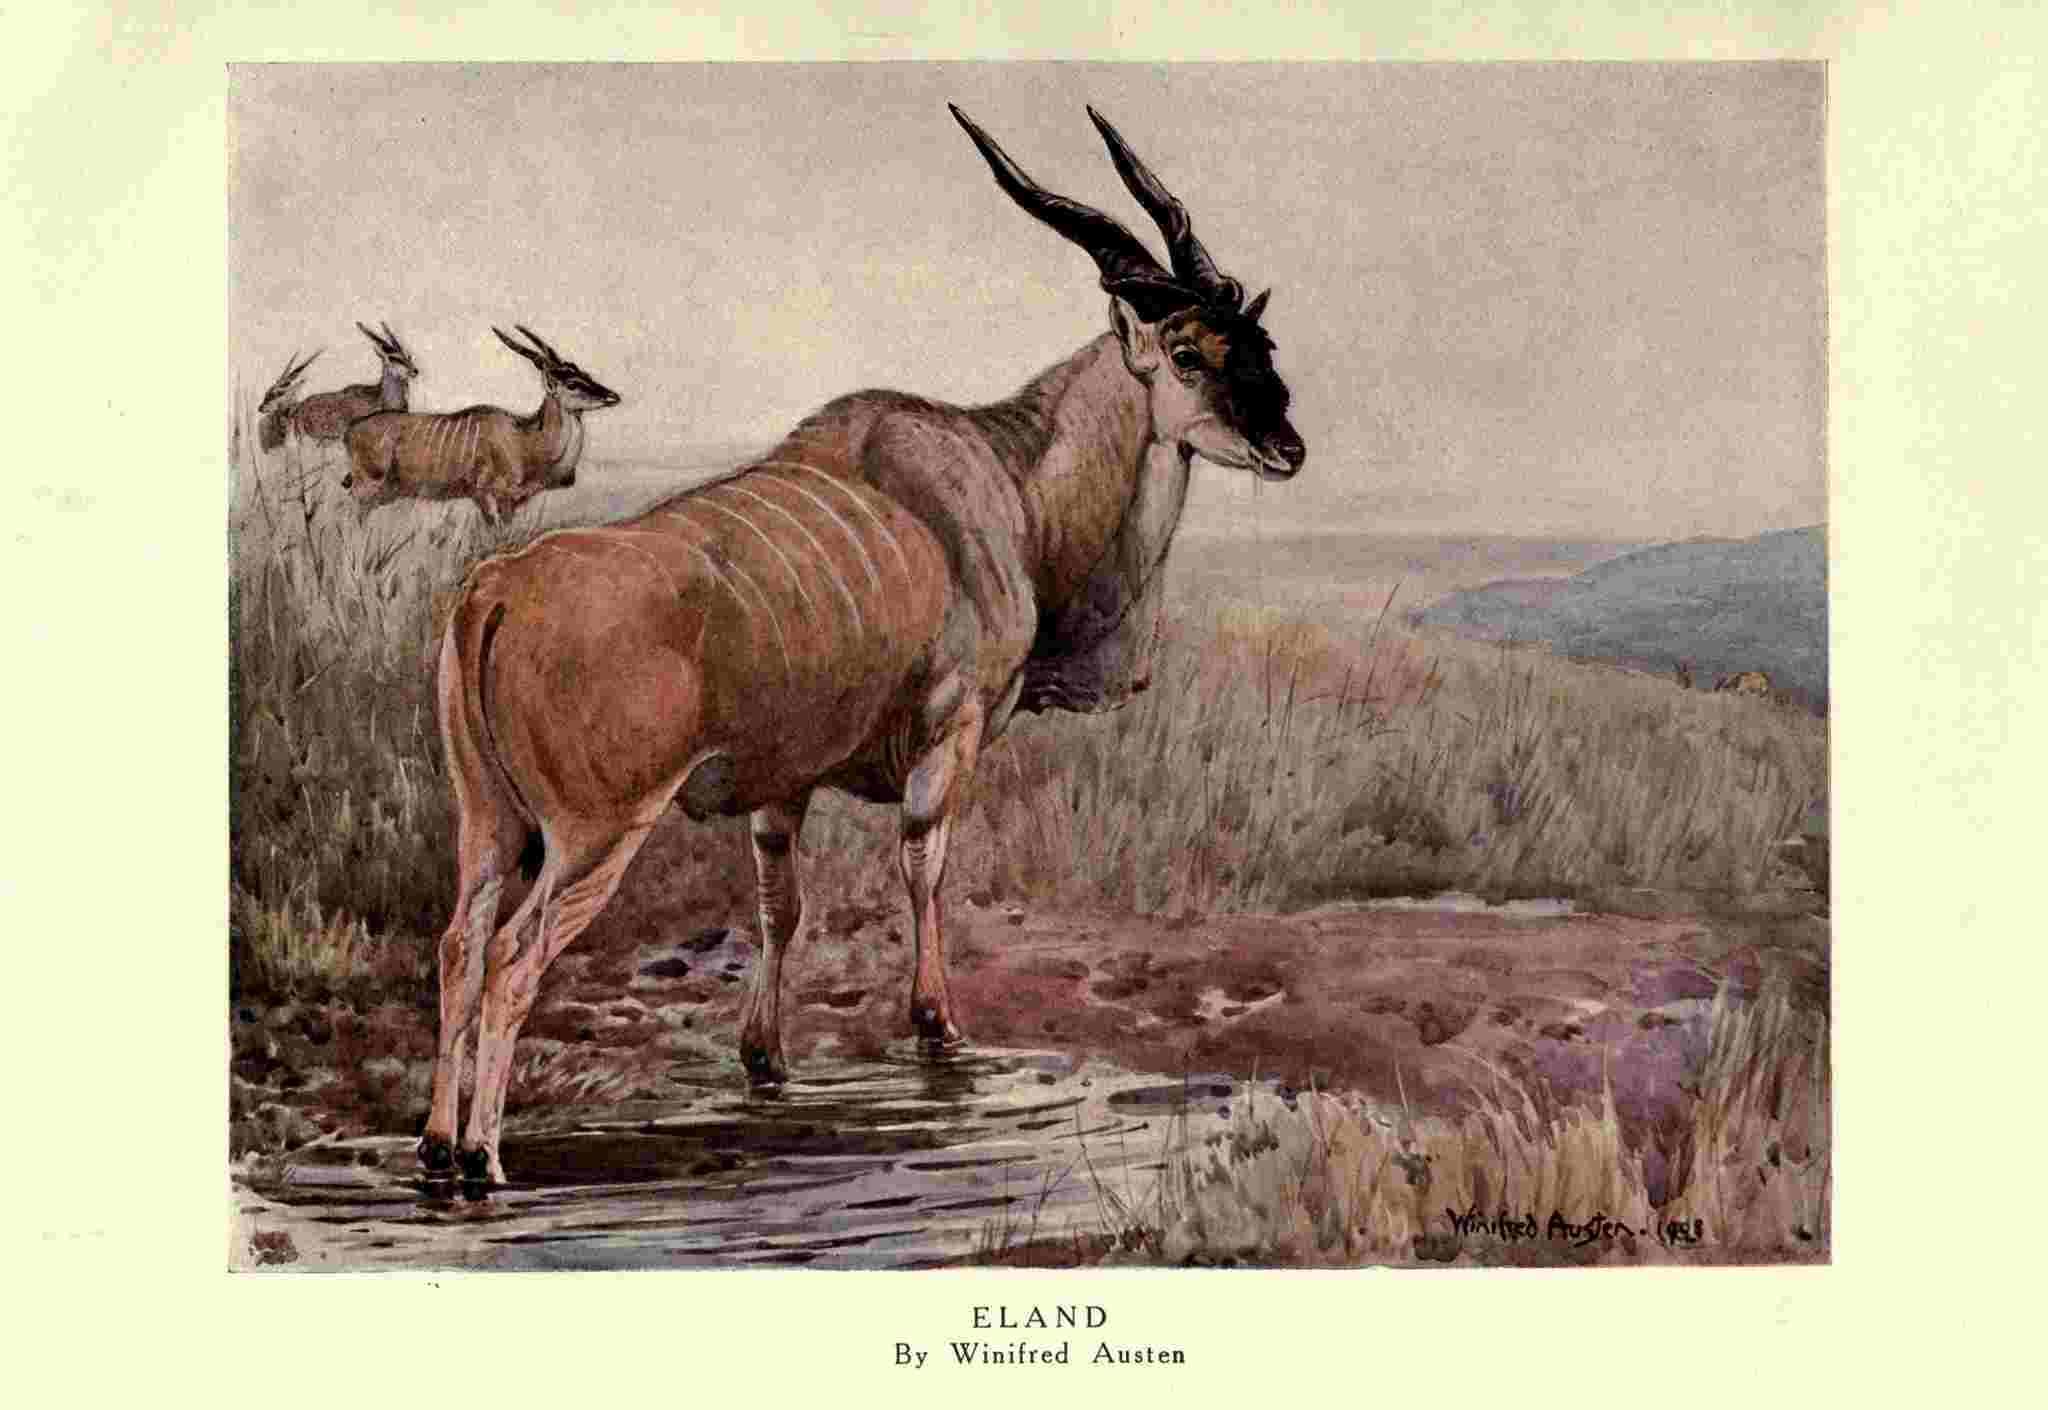 女性イラストレーターによる自然史アートの貢献_c0025115_21361925.jpg